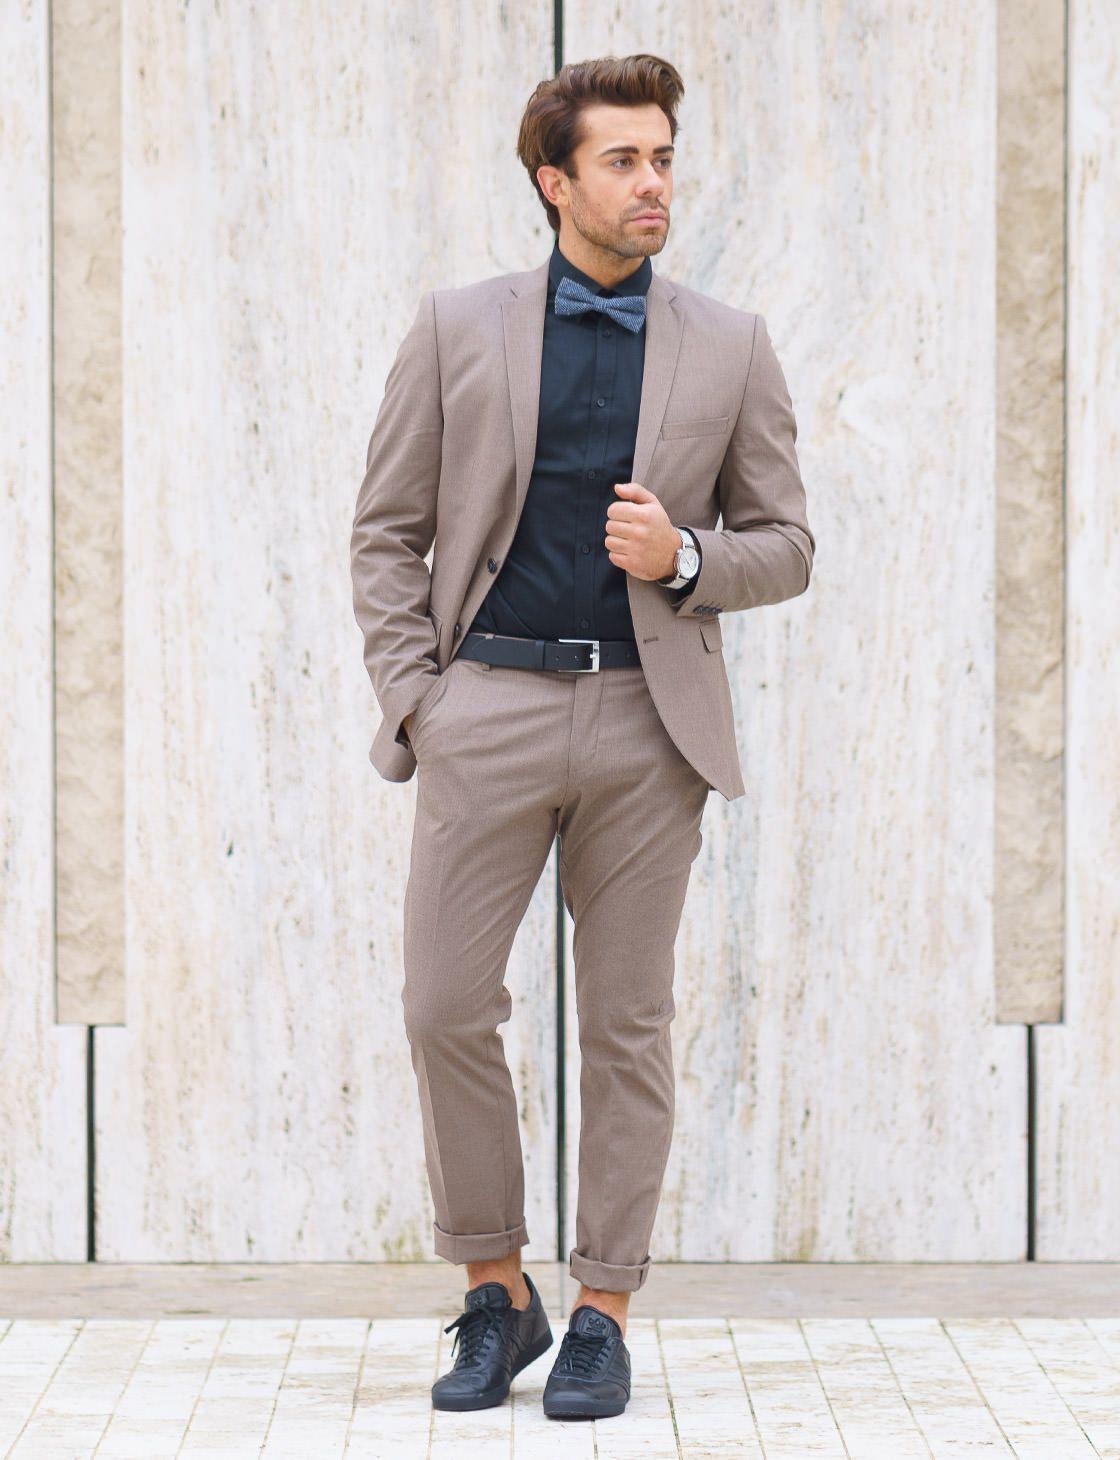 Kombination aus Anzug und lässigen Sneakern: Anzug und Hemd